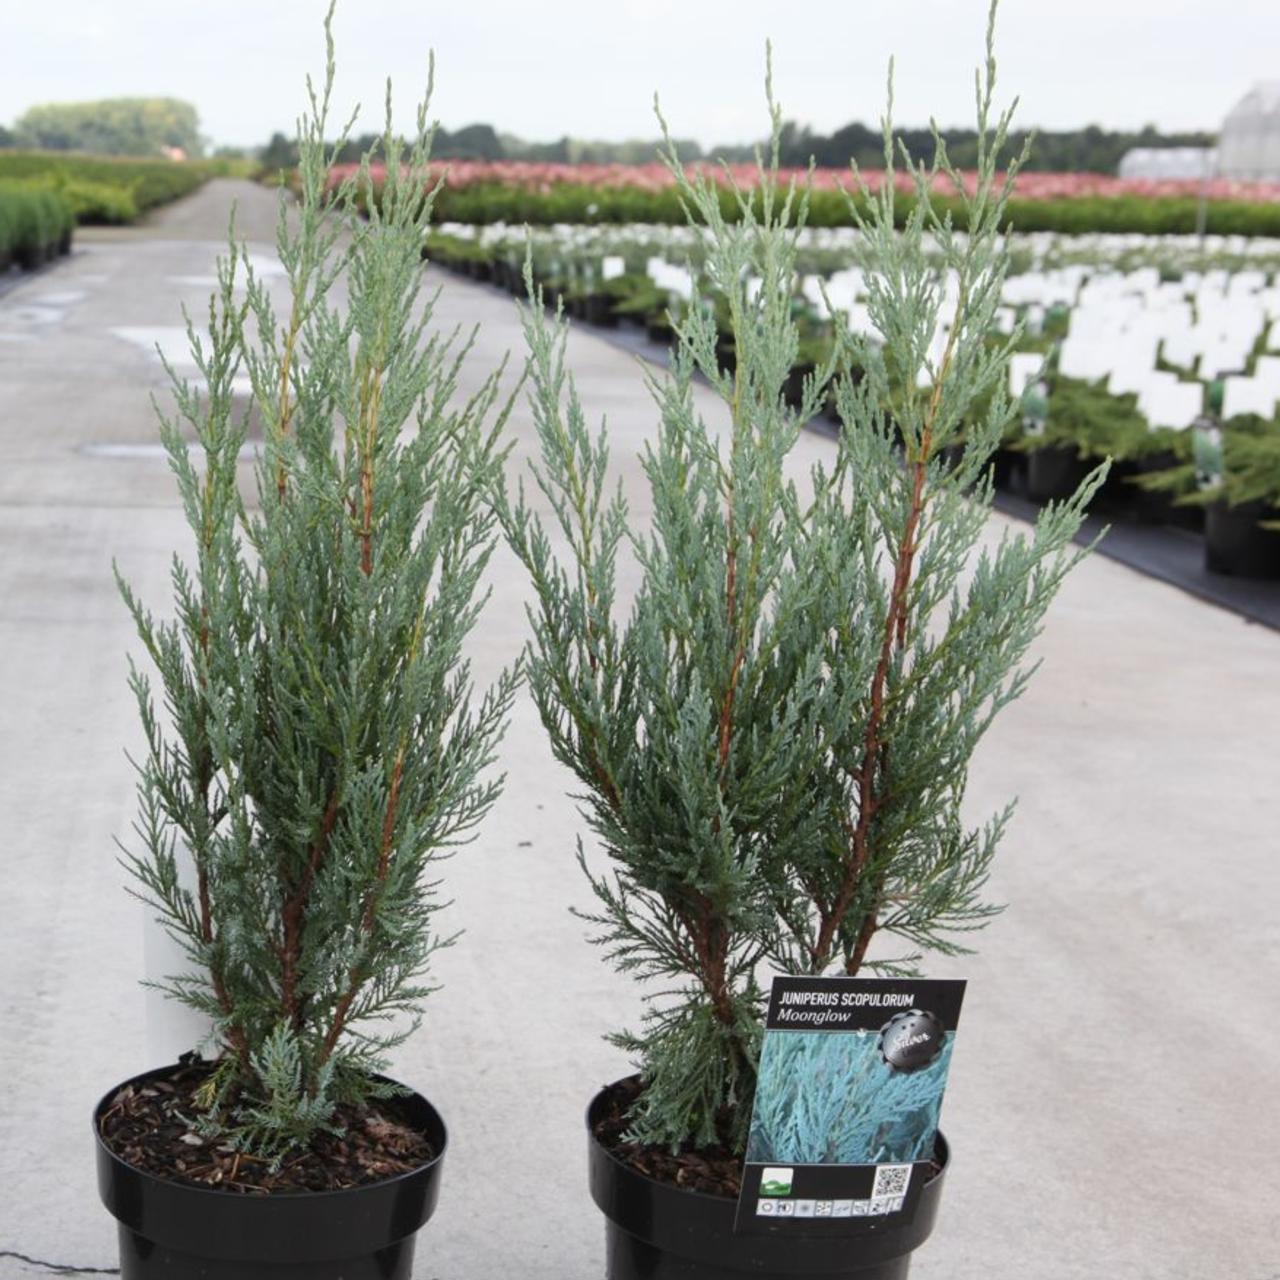 Juniperus scopulorum 'Moonglow' plant